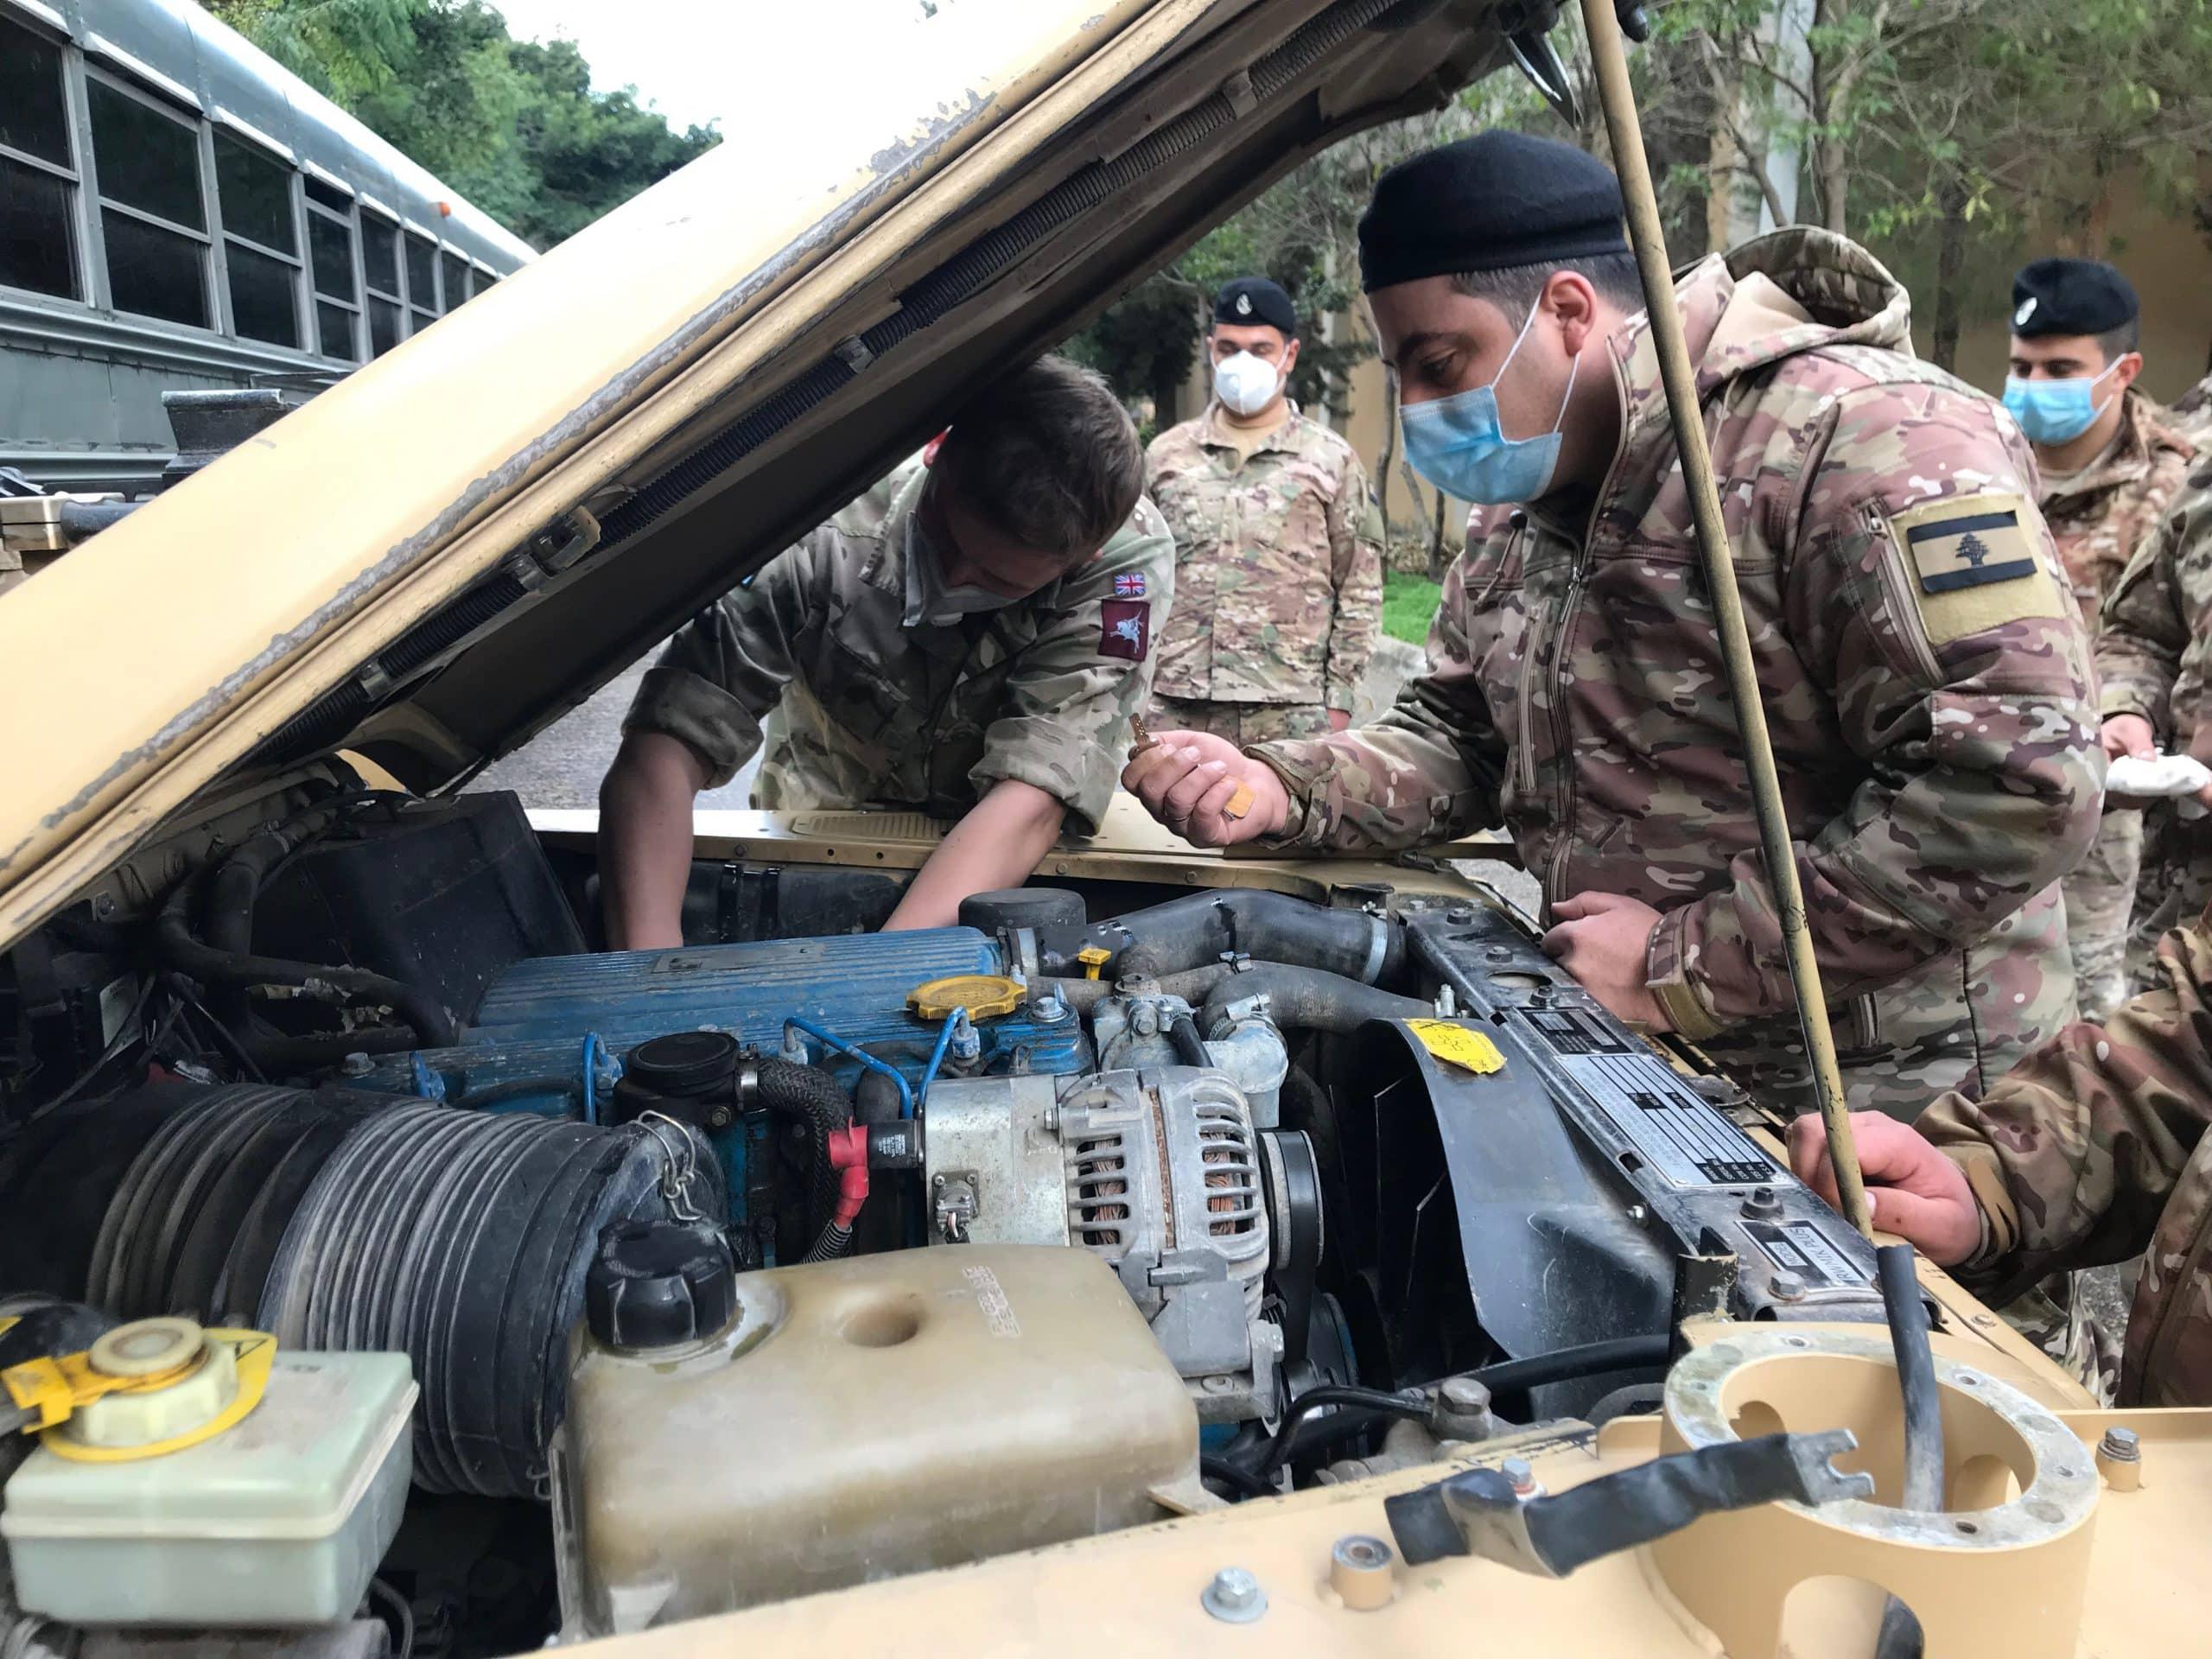 100 مدرعة بريطانية تصل إلى لبنان مع مدربين لتدريب الجيش اللبناني